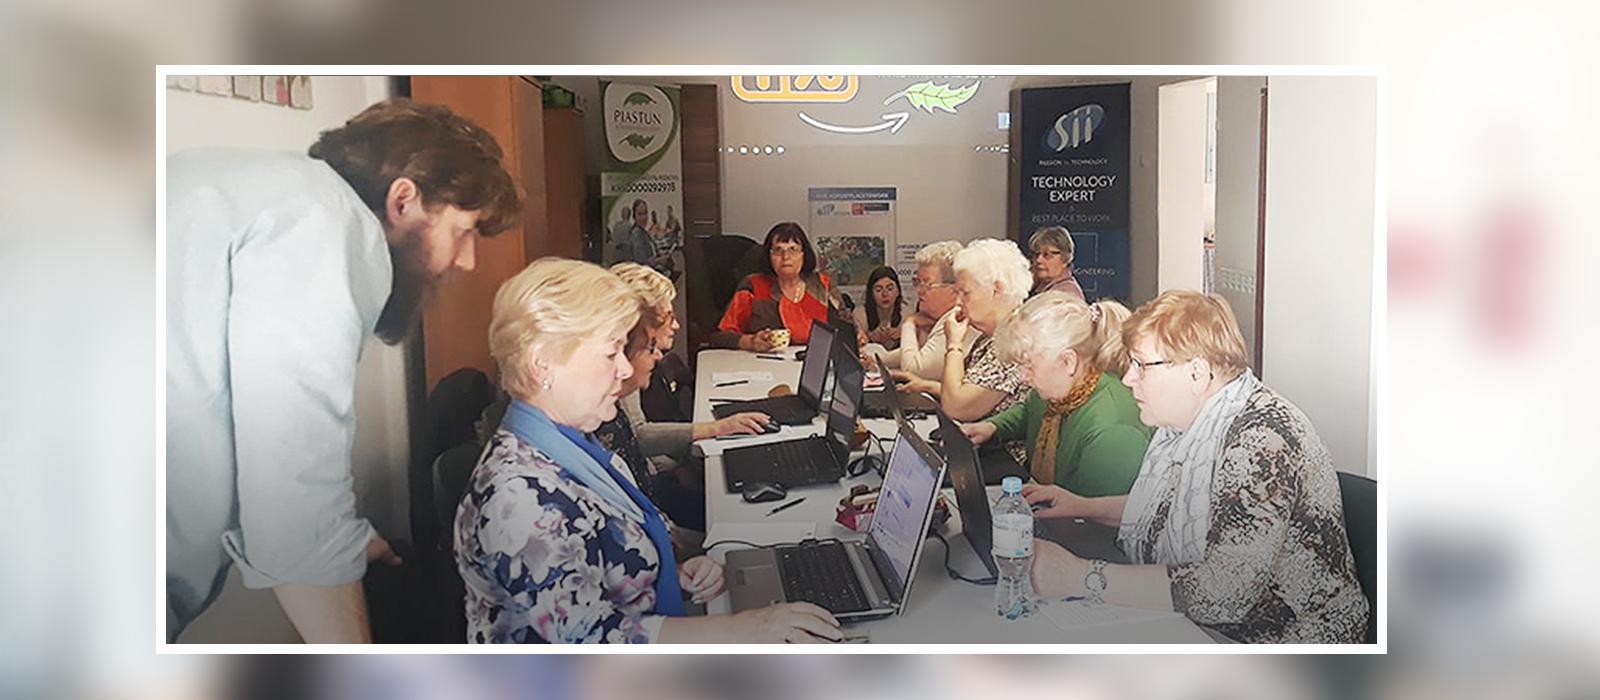 Sii Power Volunteers fighting the Digital Divide